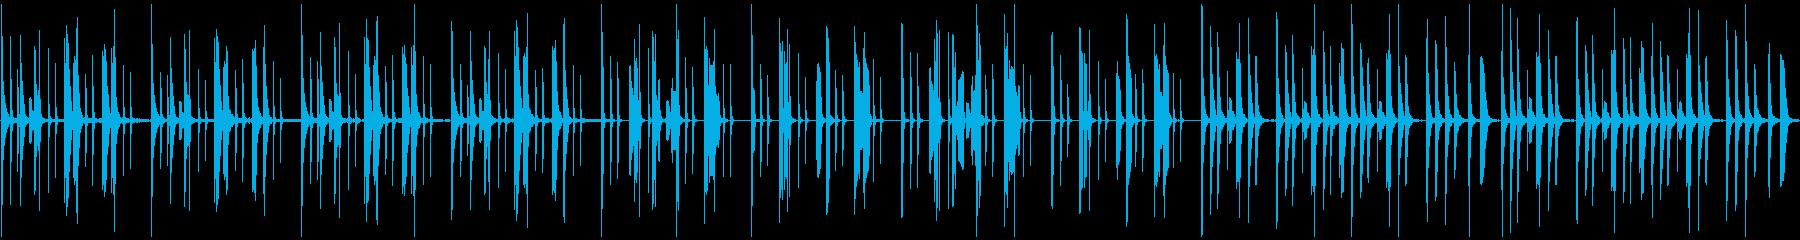 おどけた雰囲気の木琴と笛の楽曲の再生済みの波形